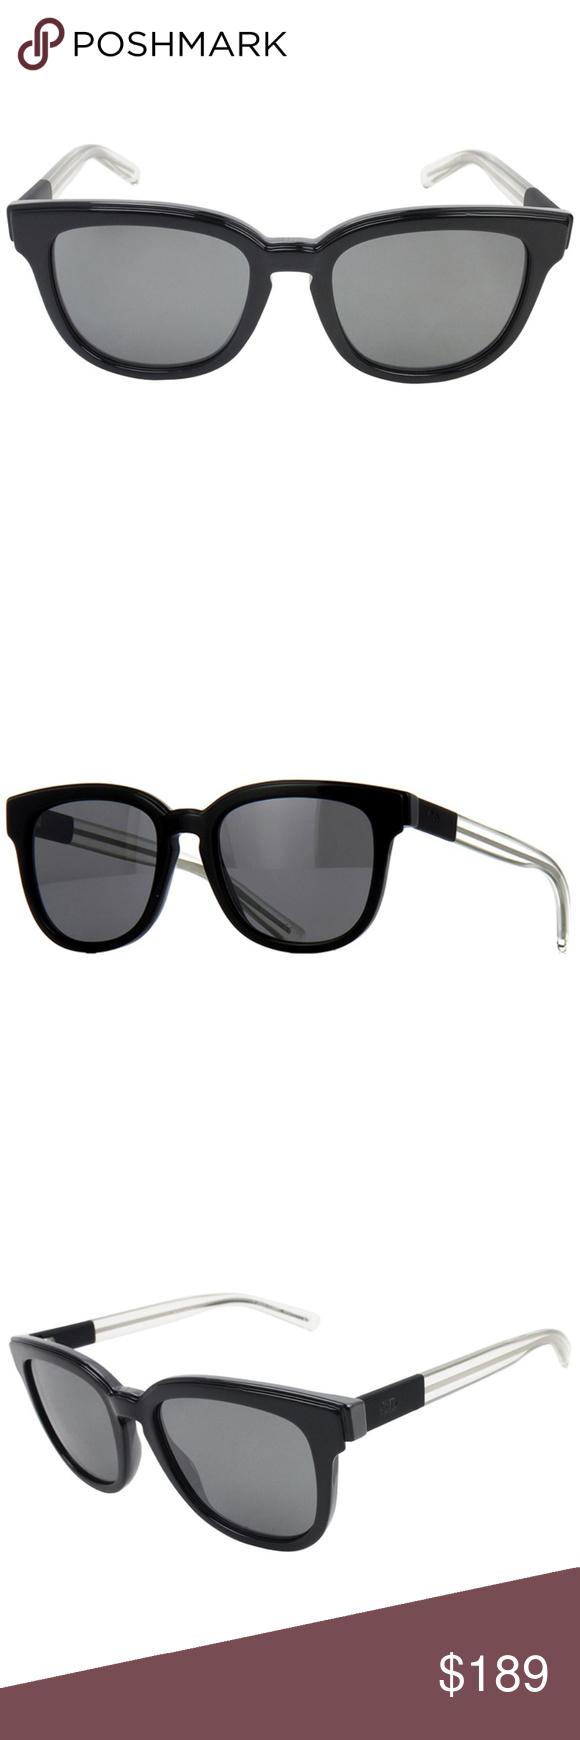 7172006f7a18 Dior Sunglasses Black w Grey Lens Dior Women Sunglasses Having Black Color  Acetate Frame with